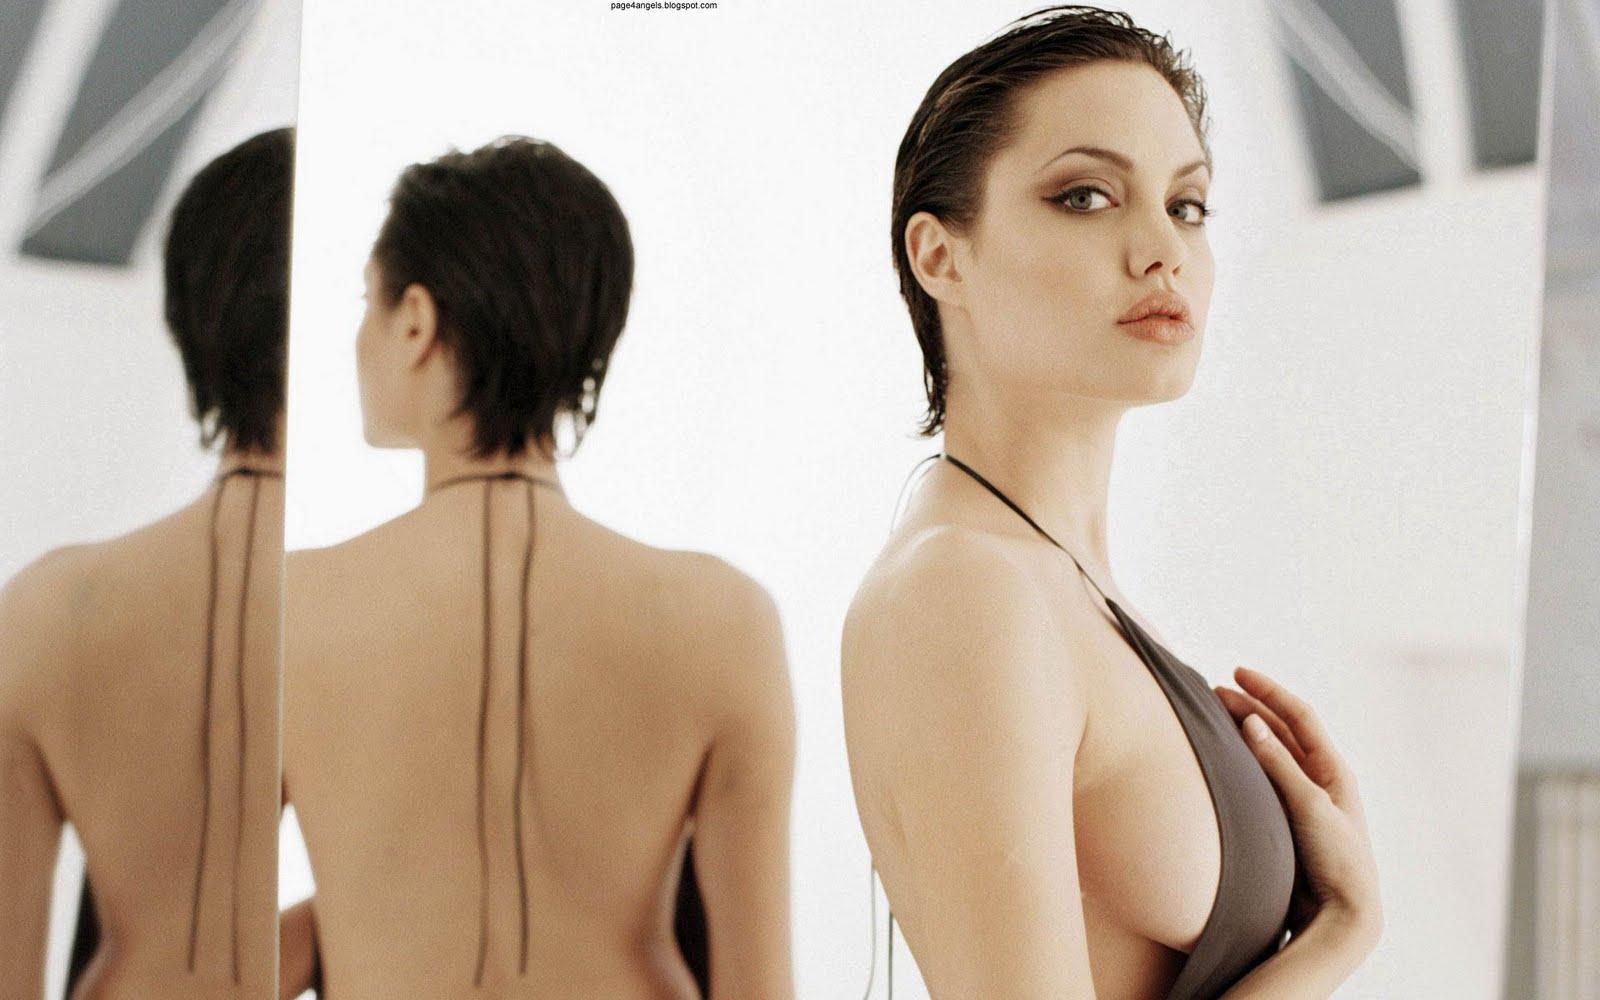 http://2.bp.blogspot.com/_jVoBtCkxXtI/TURpoGO7tJI/AAAAAAAAAJU/f4sdgr8y4yo/s1600/Angelina_Jolie_Hot_Wallpapers_17.jpg